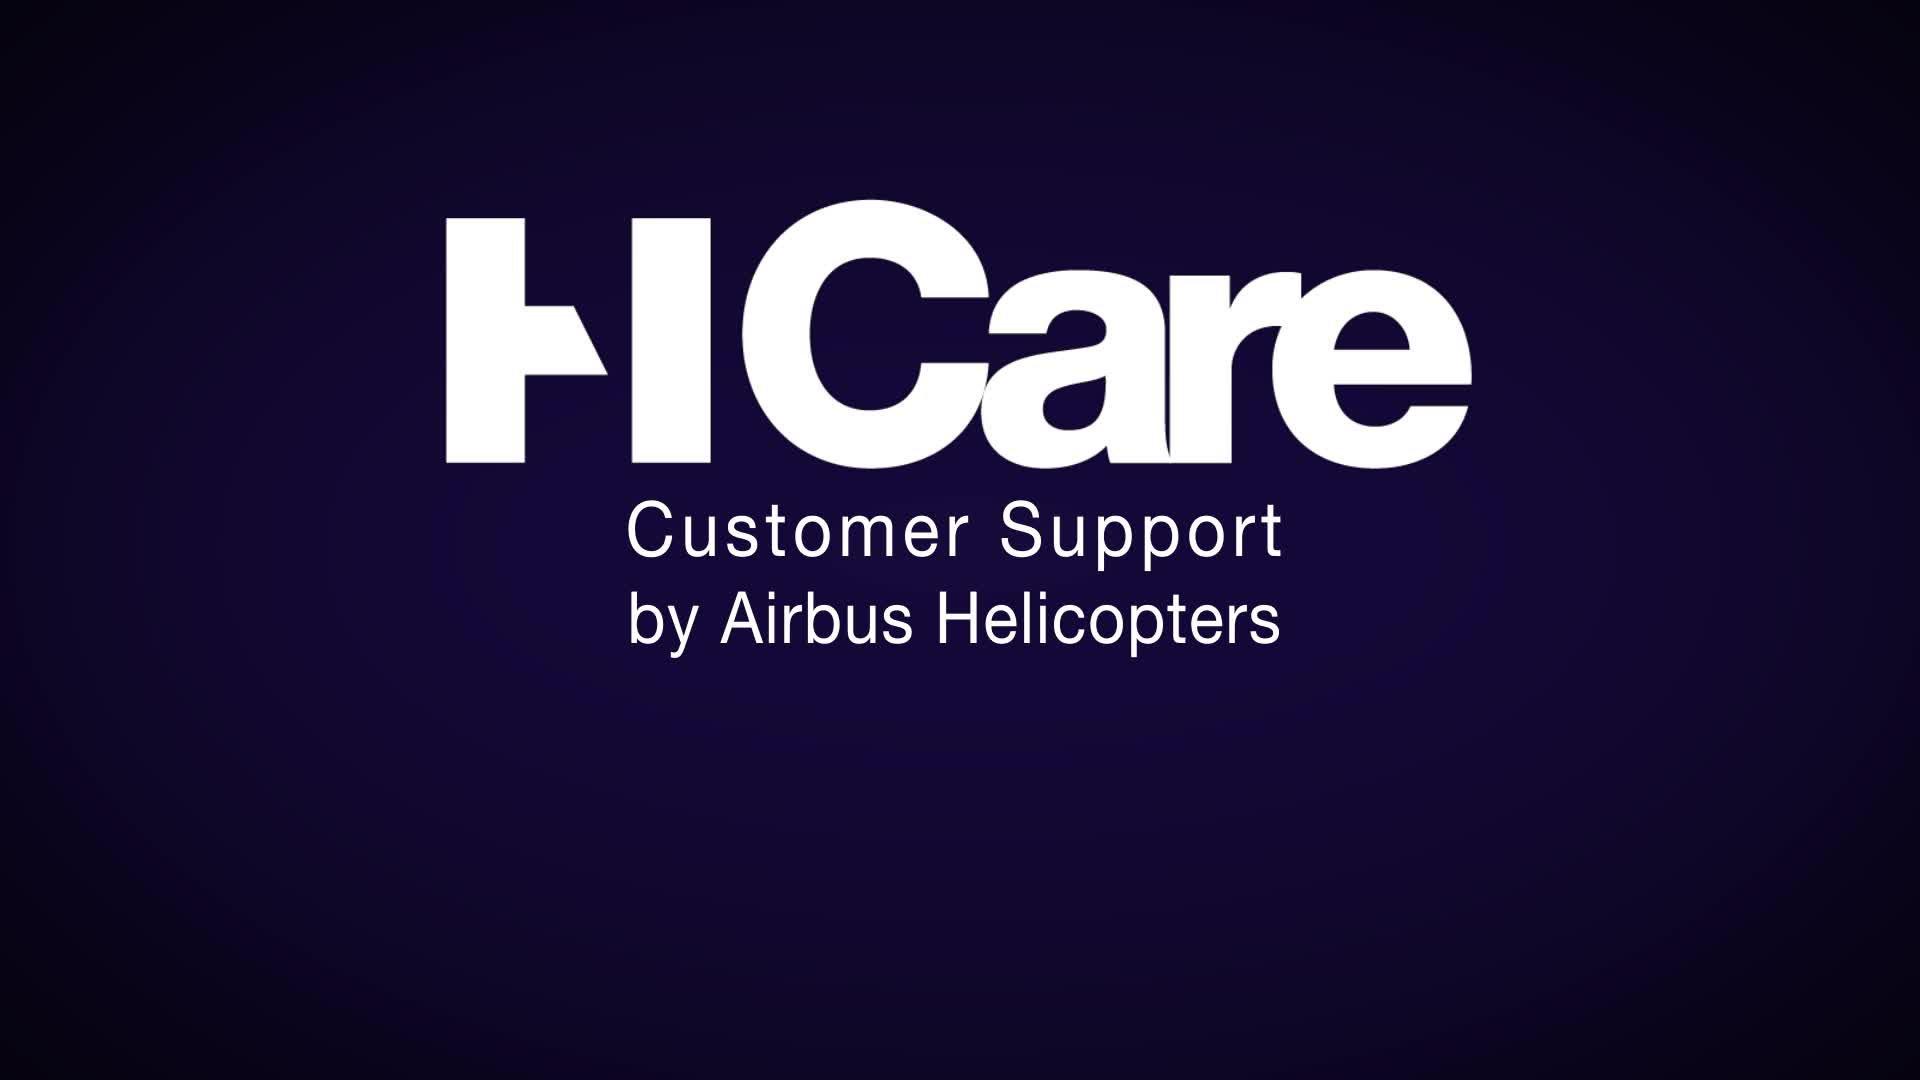 Airbus HCARE 2017